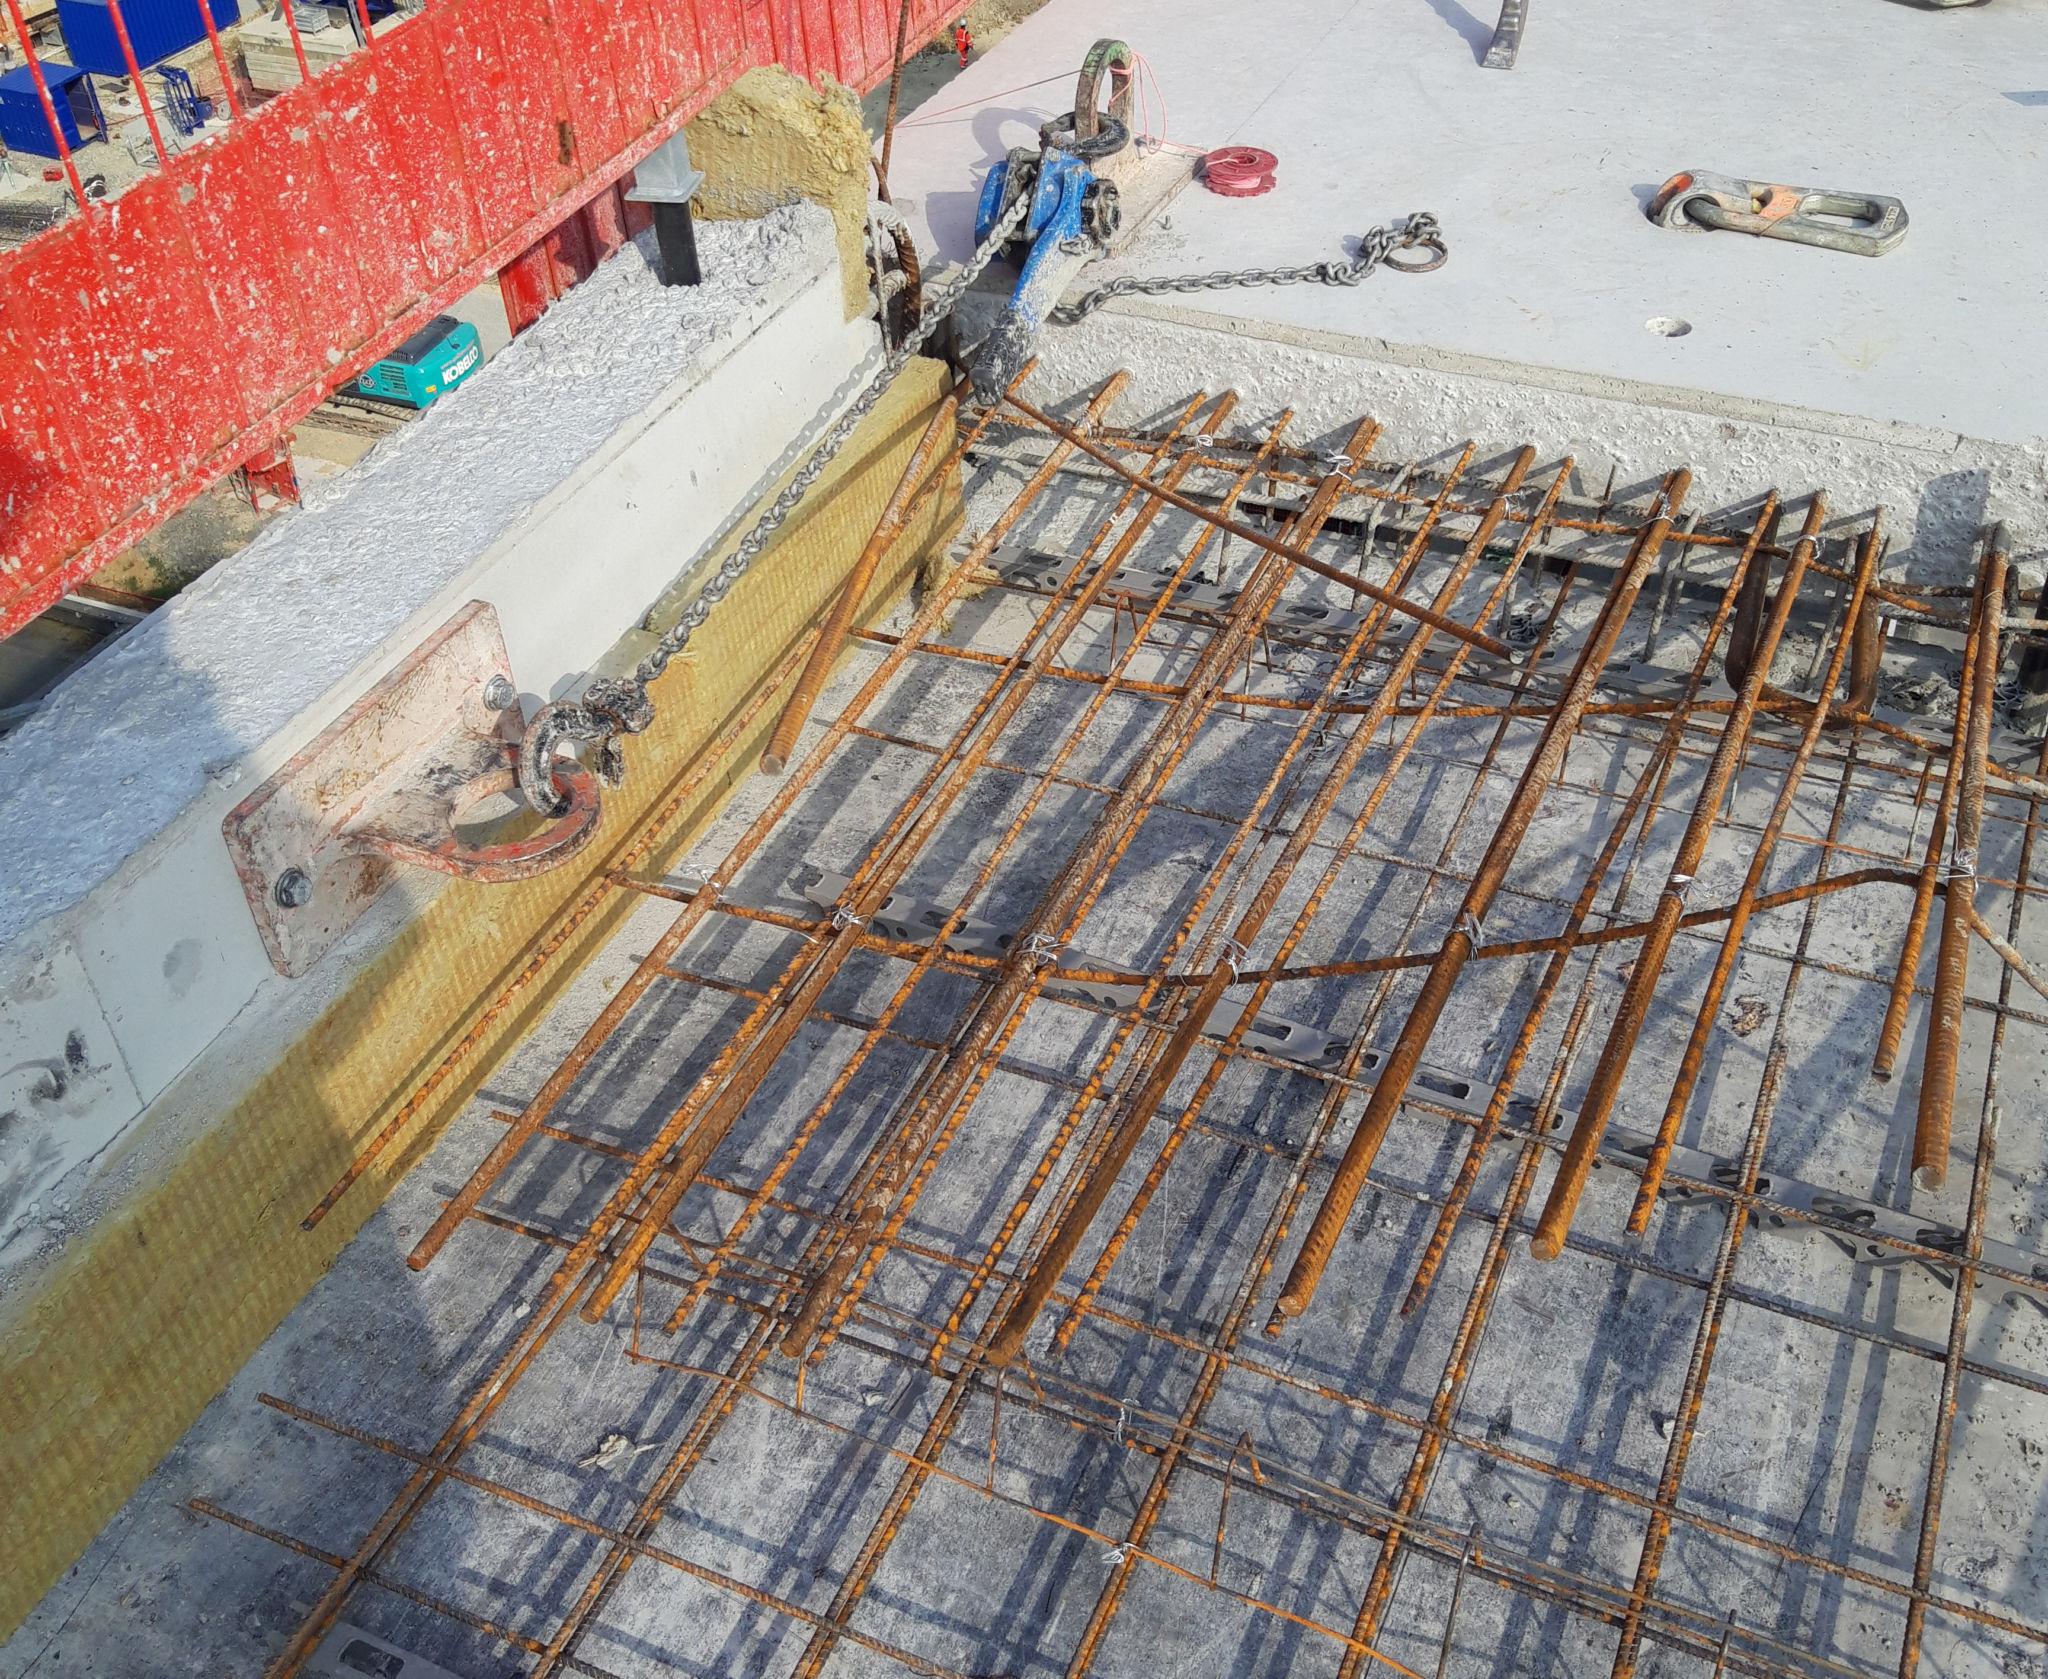 Rupteur forain ou rupteur de ponts thermiques